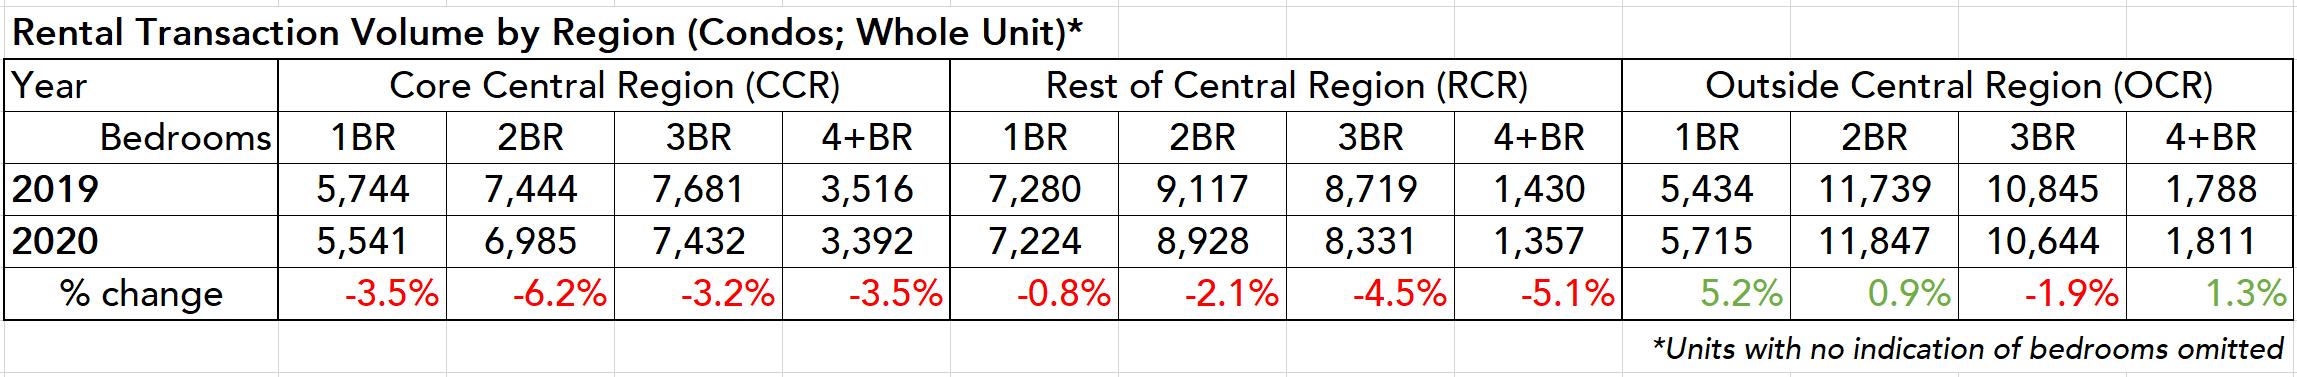 condo rental volume by region ccr ocr rcr bedrooms table 2020